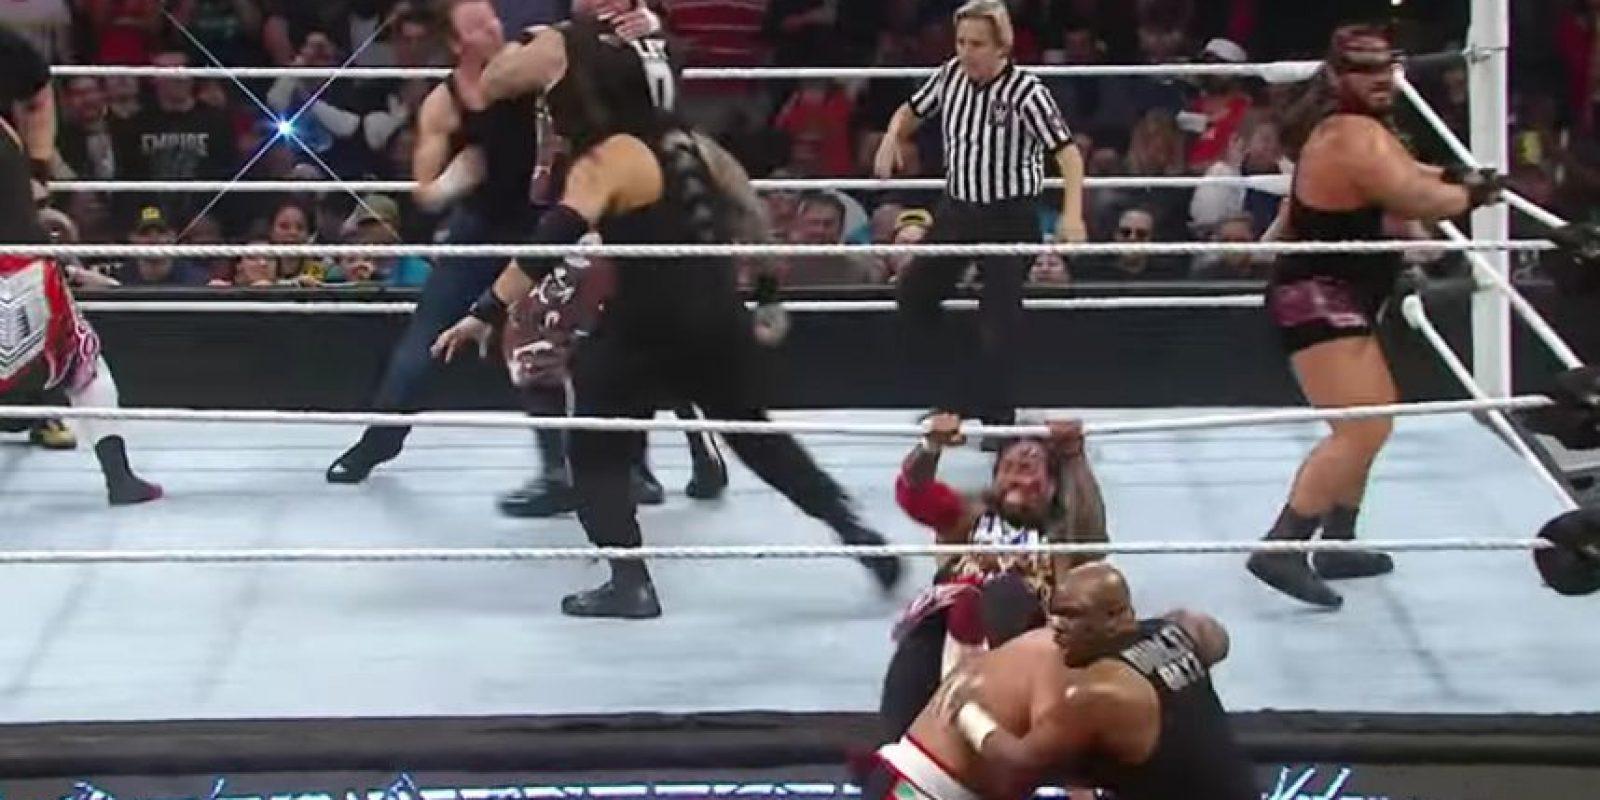 La noche de este lunes, el ring de Raw recibió a 16 luchadores. Foto:WWE